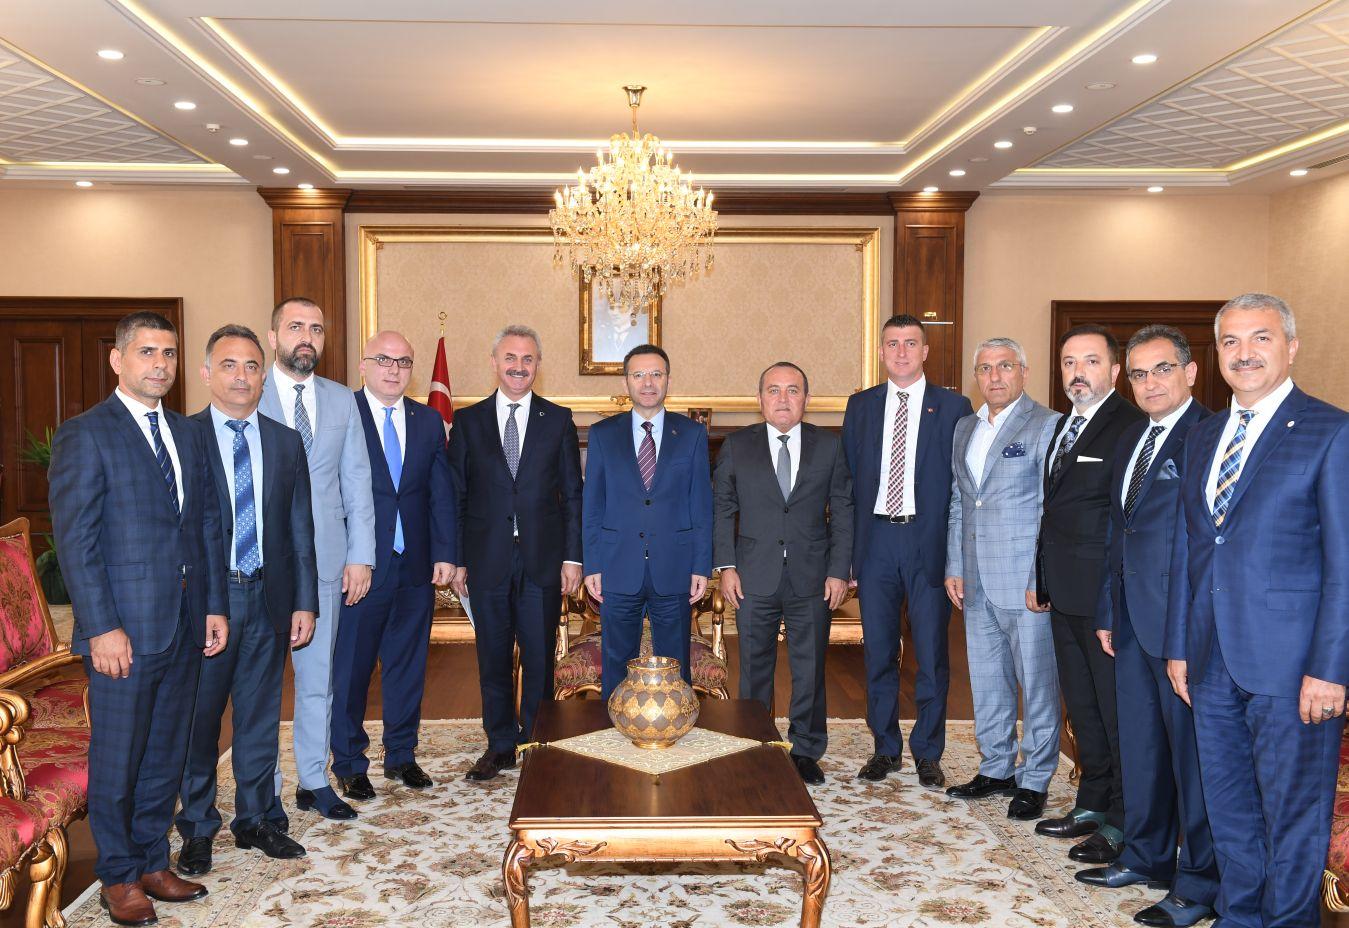 Gebze Ticaret Odası Heyeti, Kocaeli  Valisi Sn. Hüseyin Aksoy'u Ziyaret Etti